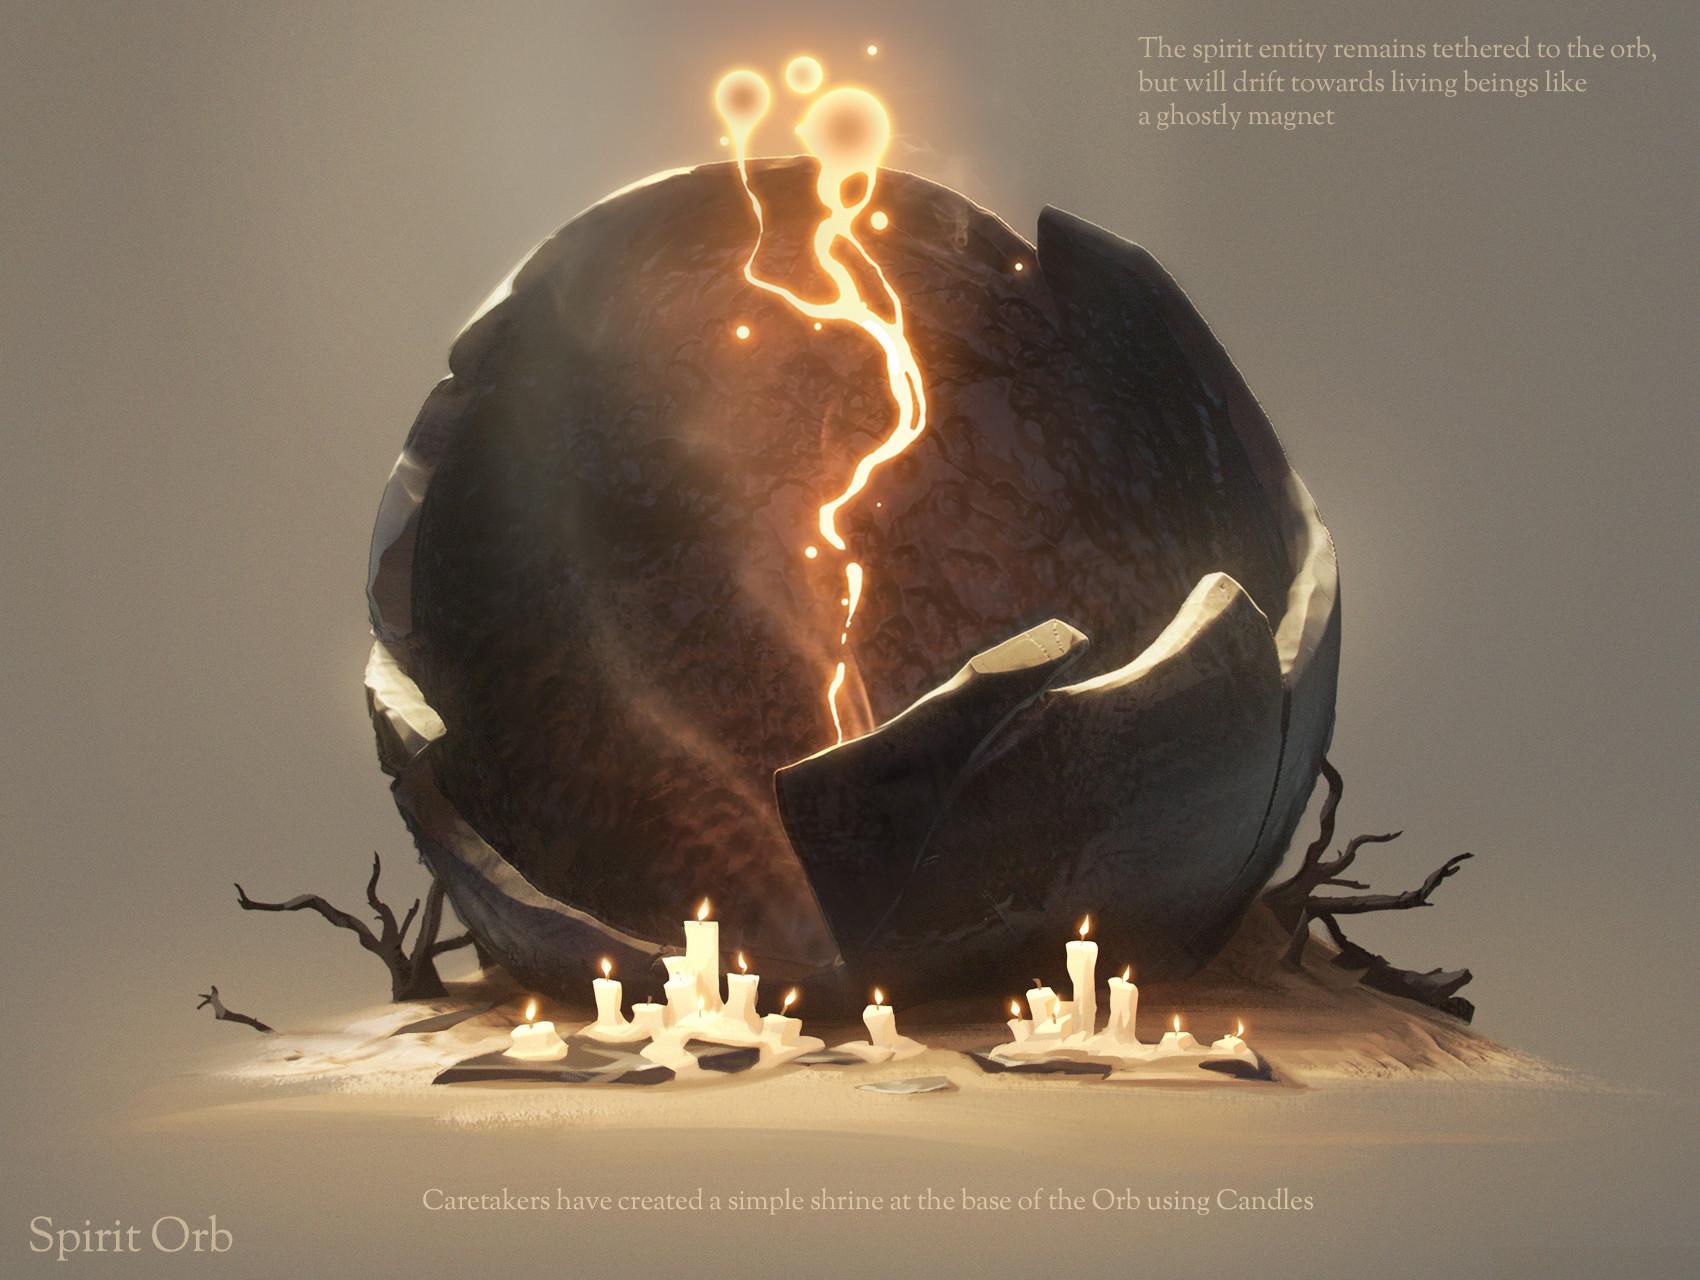 ArtStation - Hollow Dust: Spirit Orbs, Billy Wimblett